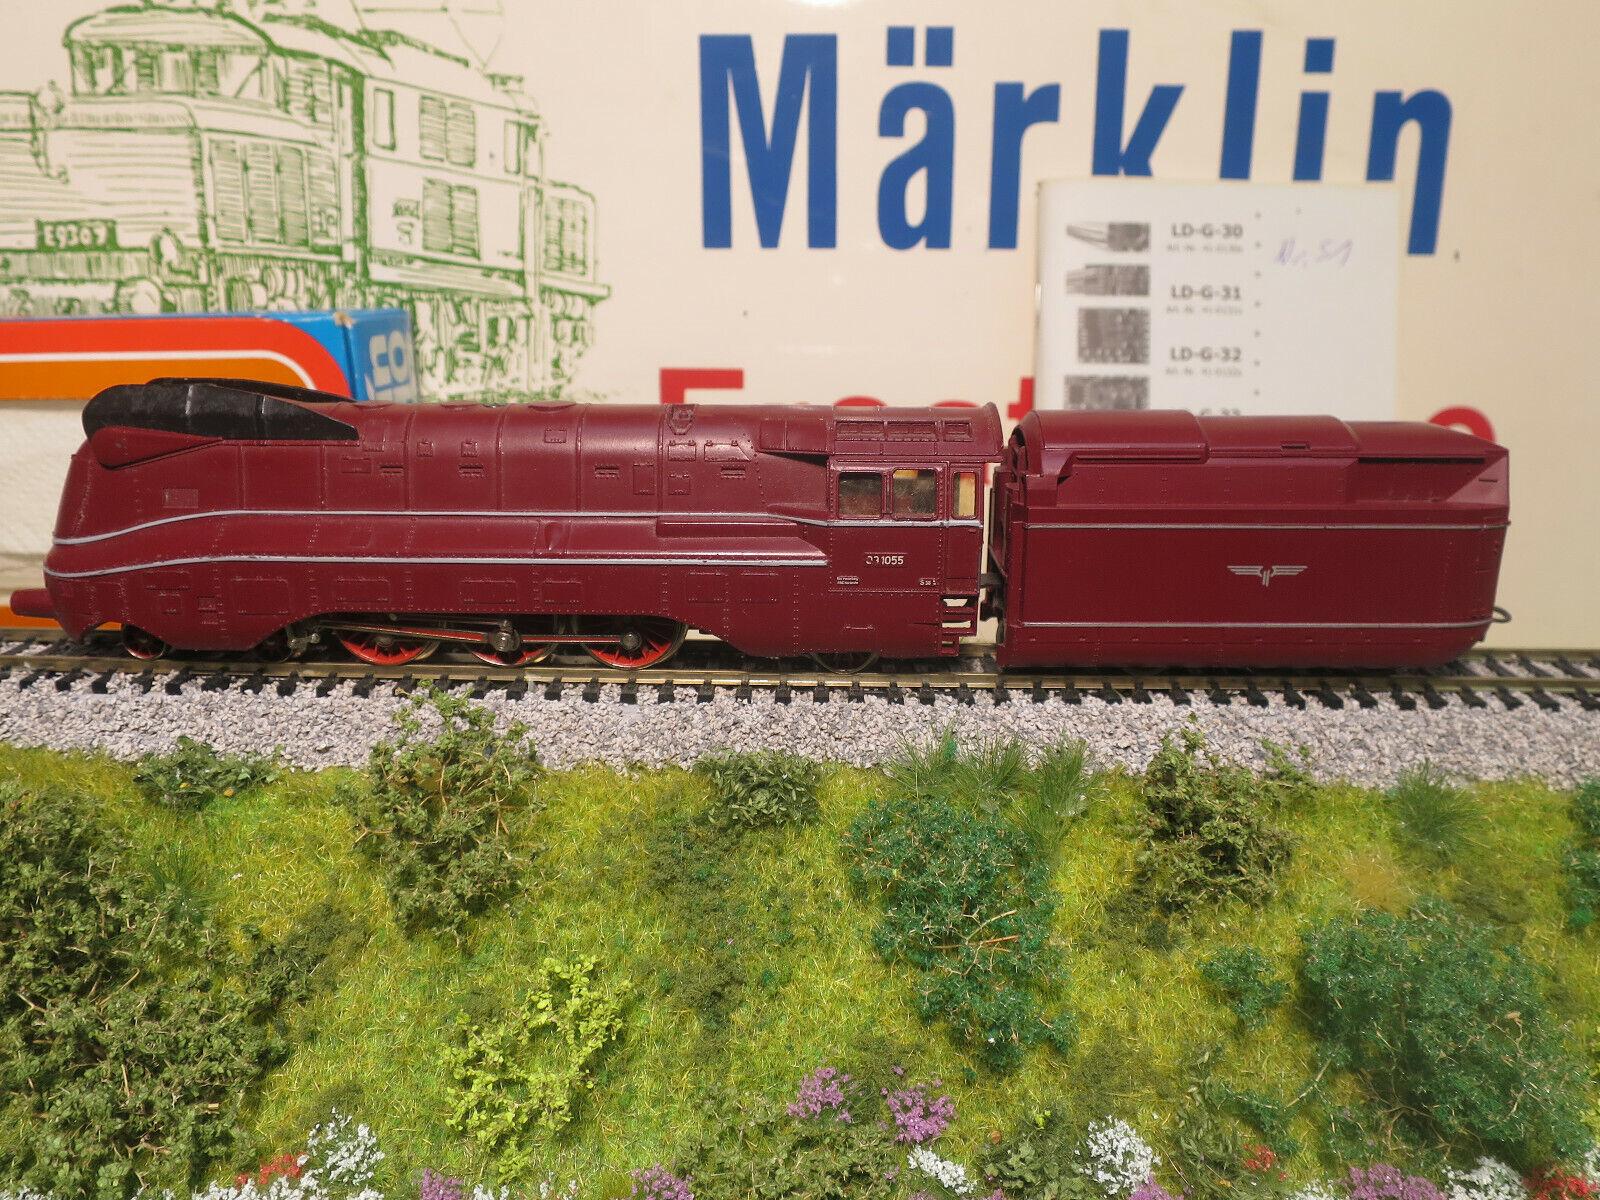 MB marklin 3089 Digitale Fumo Testato & Attrezzato Conf. Orig. di Collezione